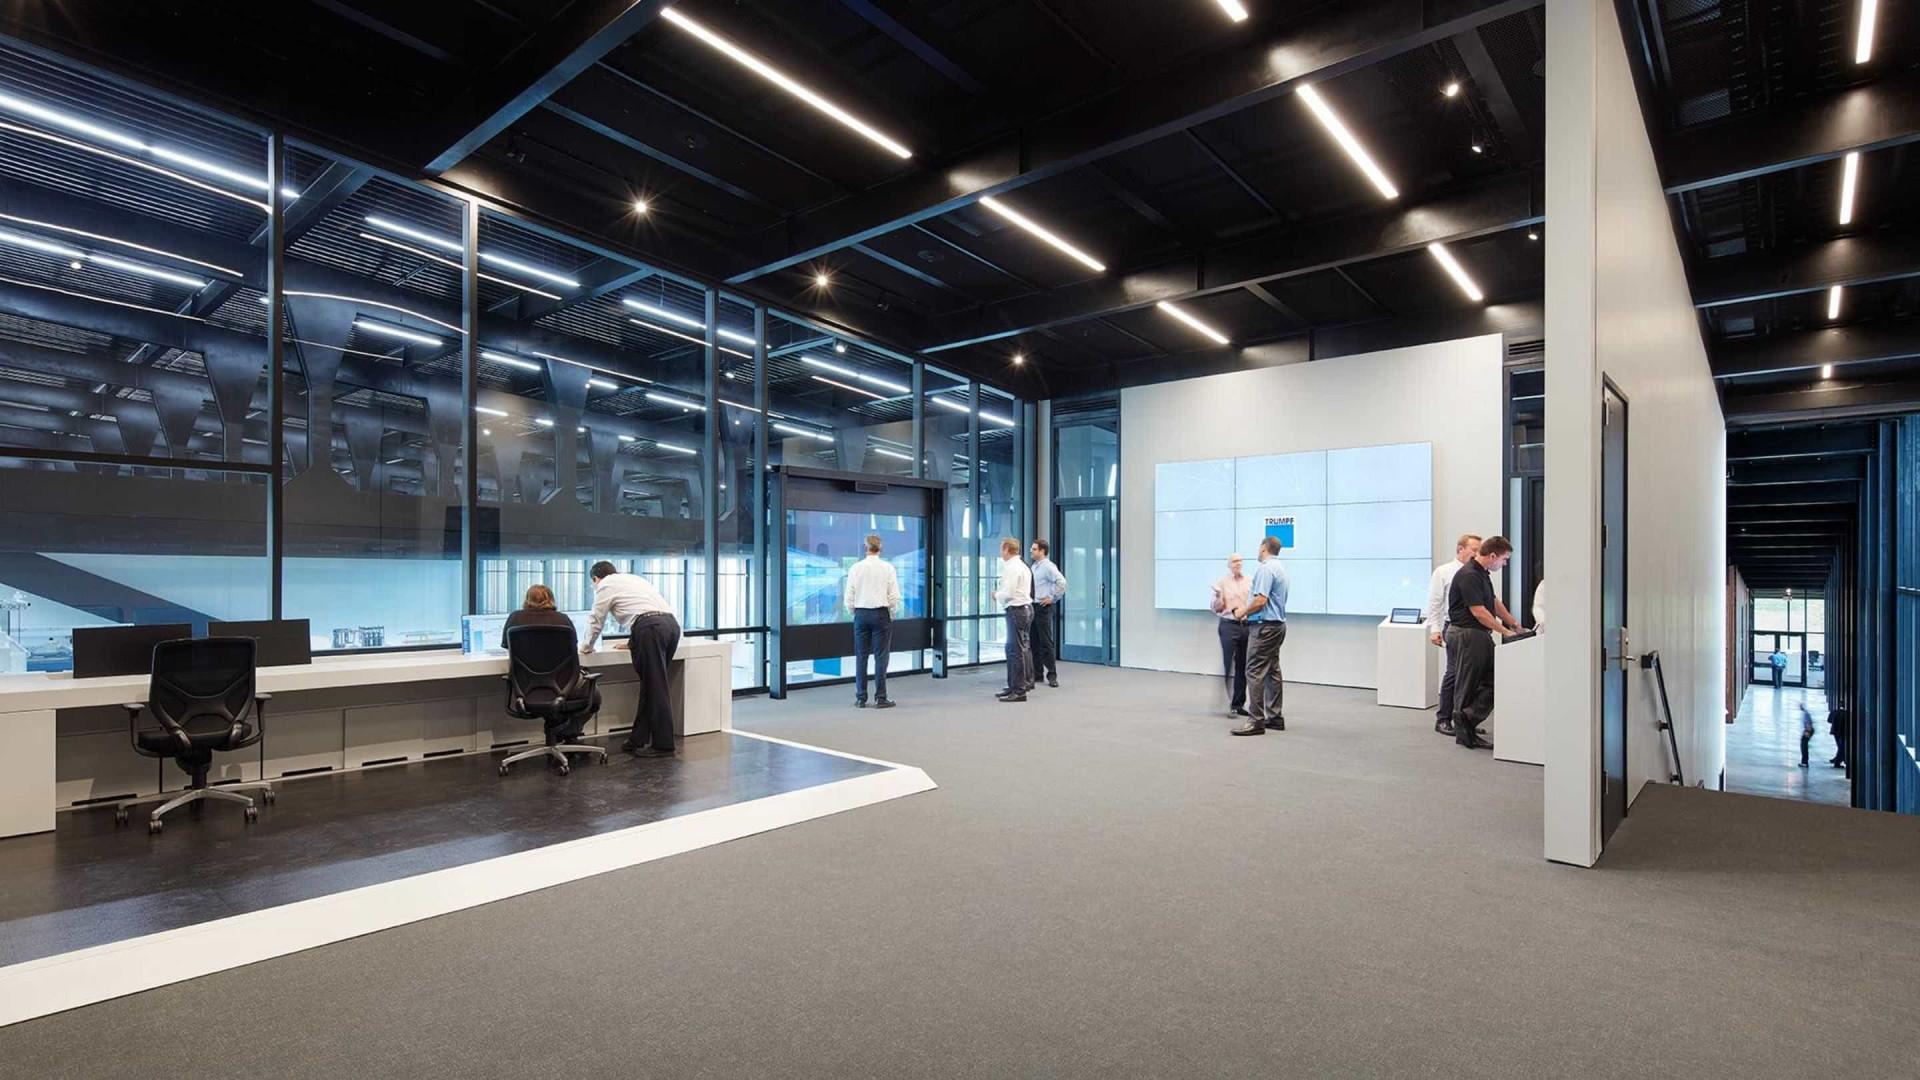 Gigante alemã Trumpf inaugura fábrica inteligente em Chicago